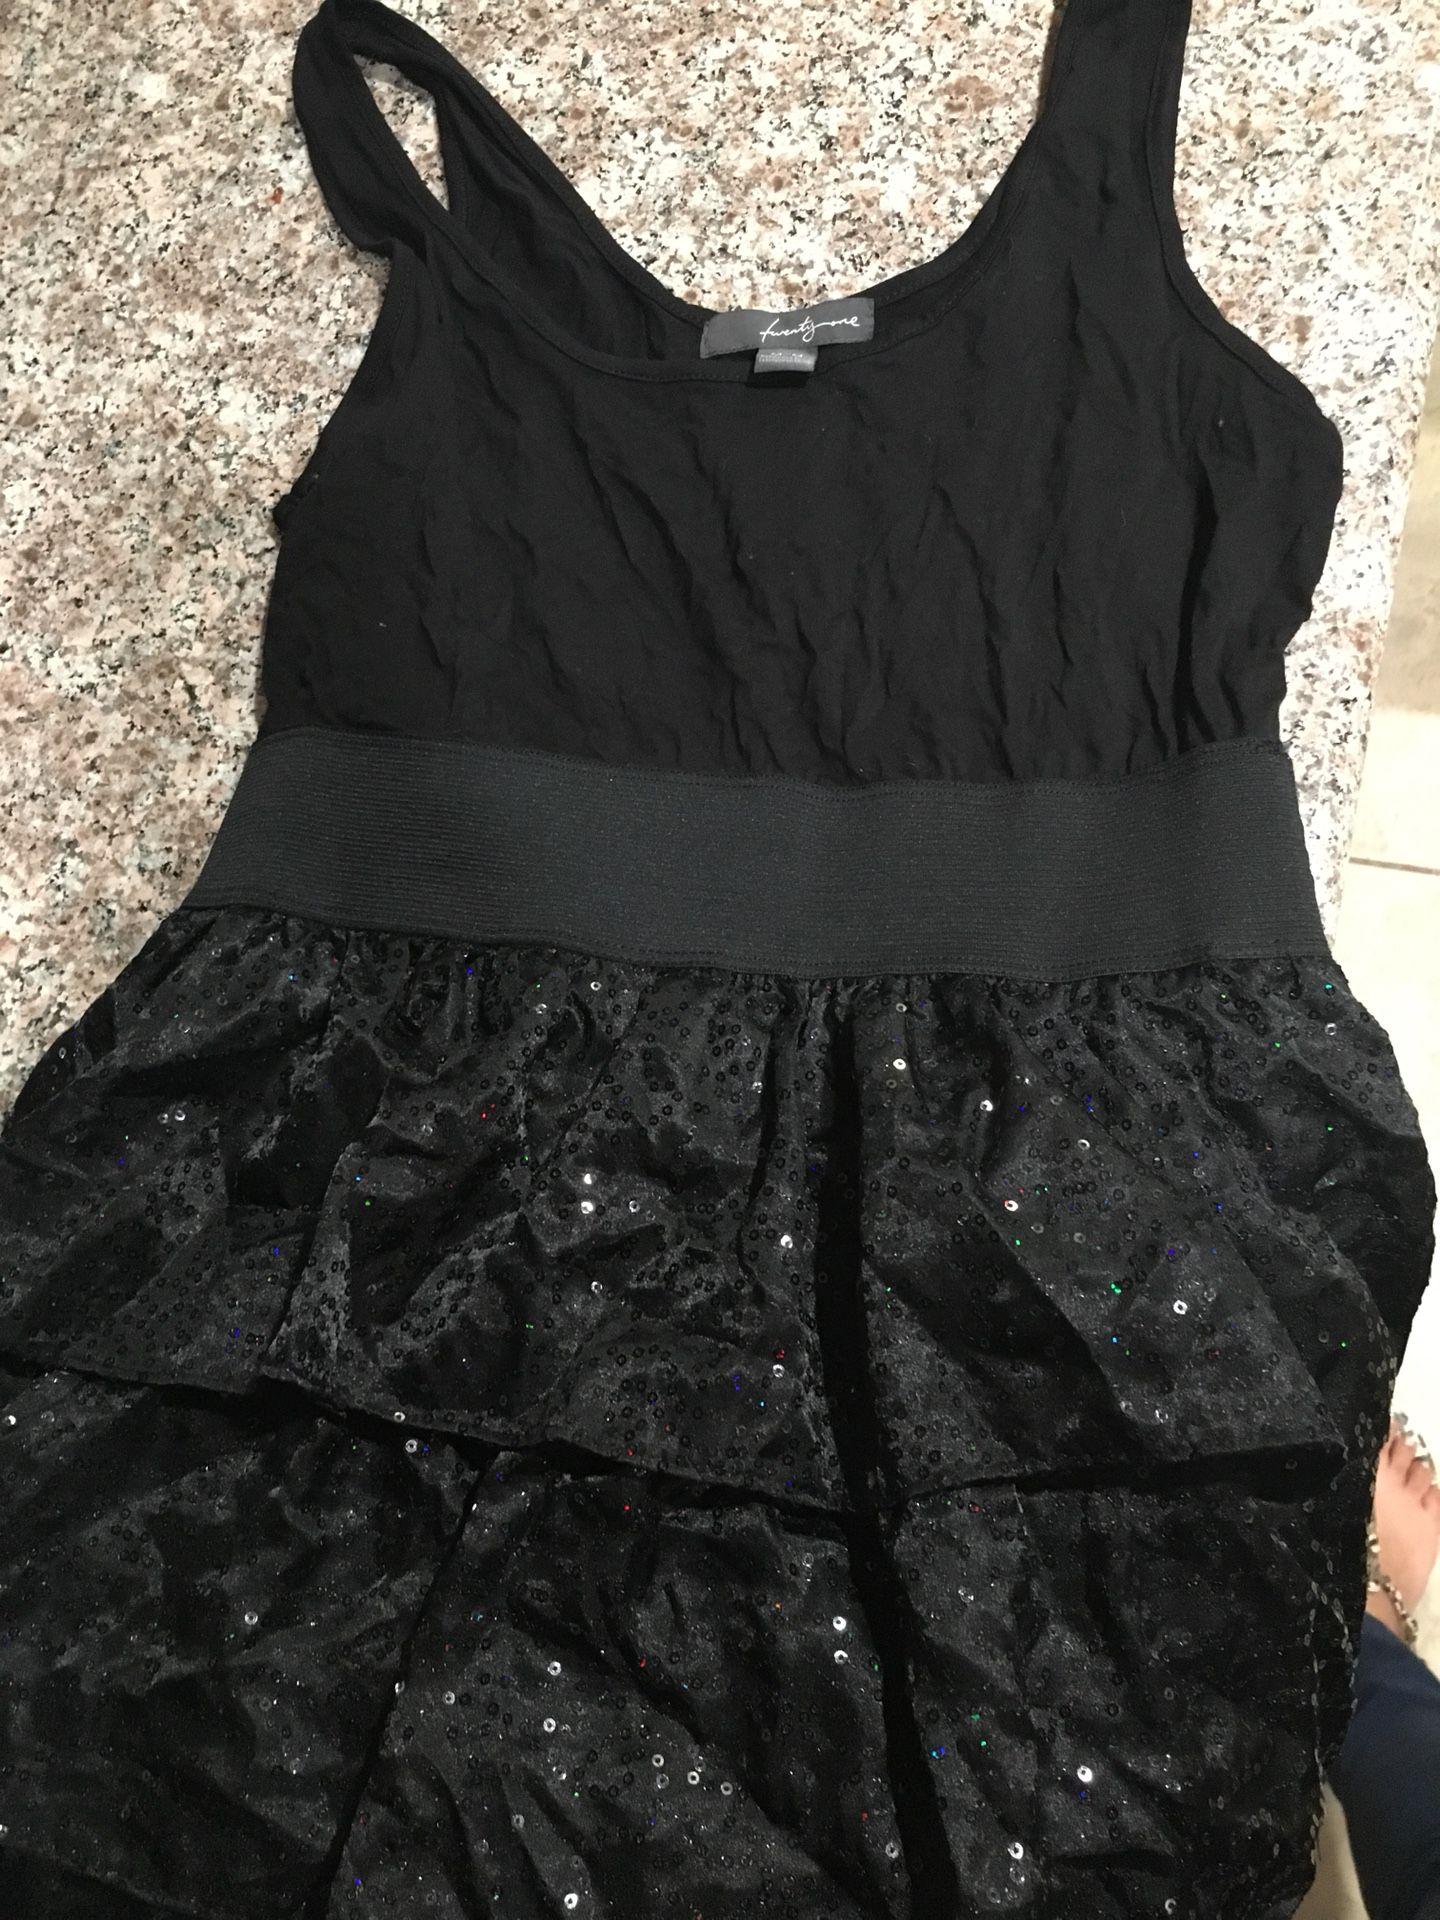 Cute ruffle dress size M